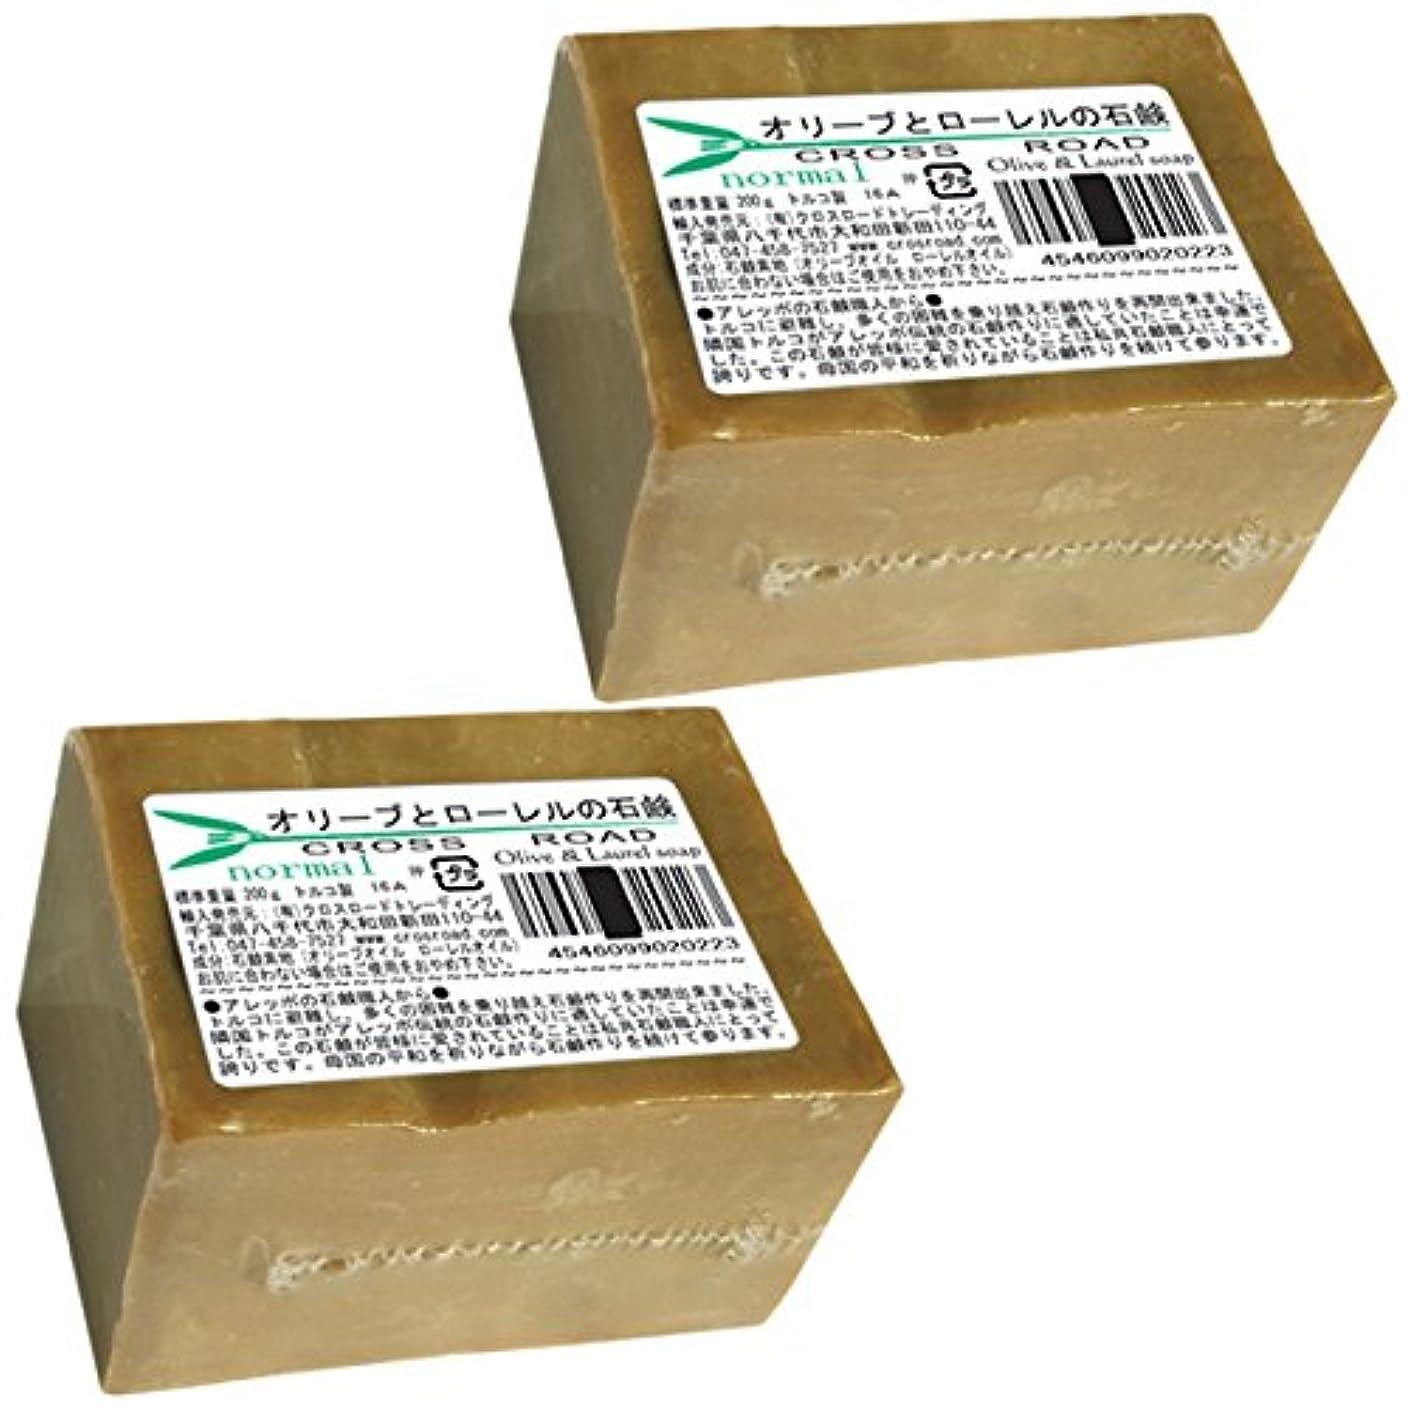 ベッツィトロットウッドコンサルタントオフェンスオリーブとローレルの石鹸(ノーマル)2個セット[並行輸入品]